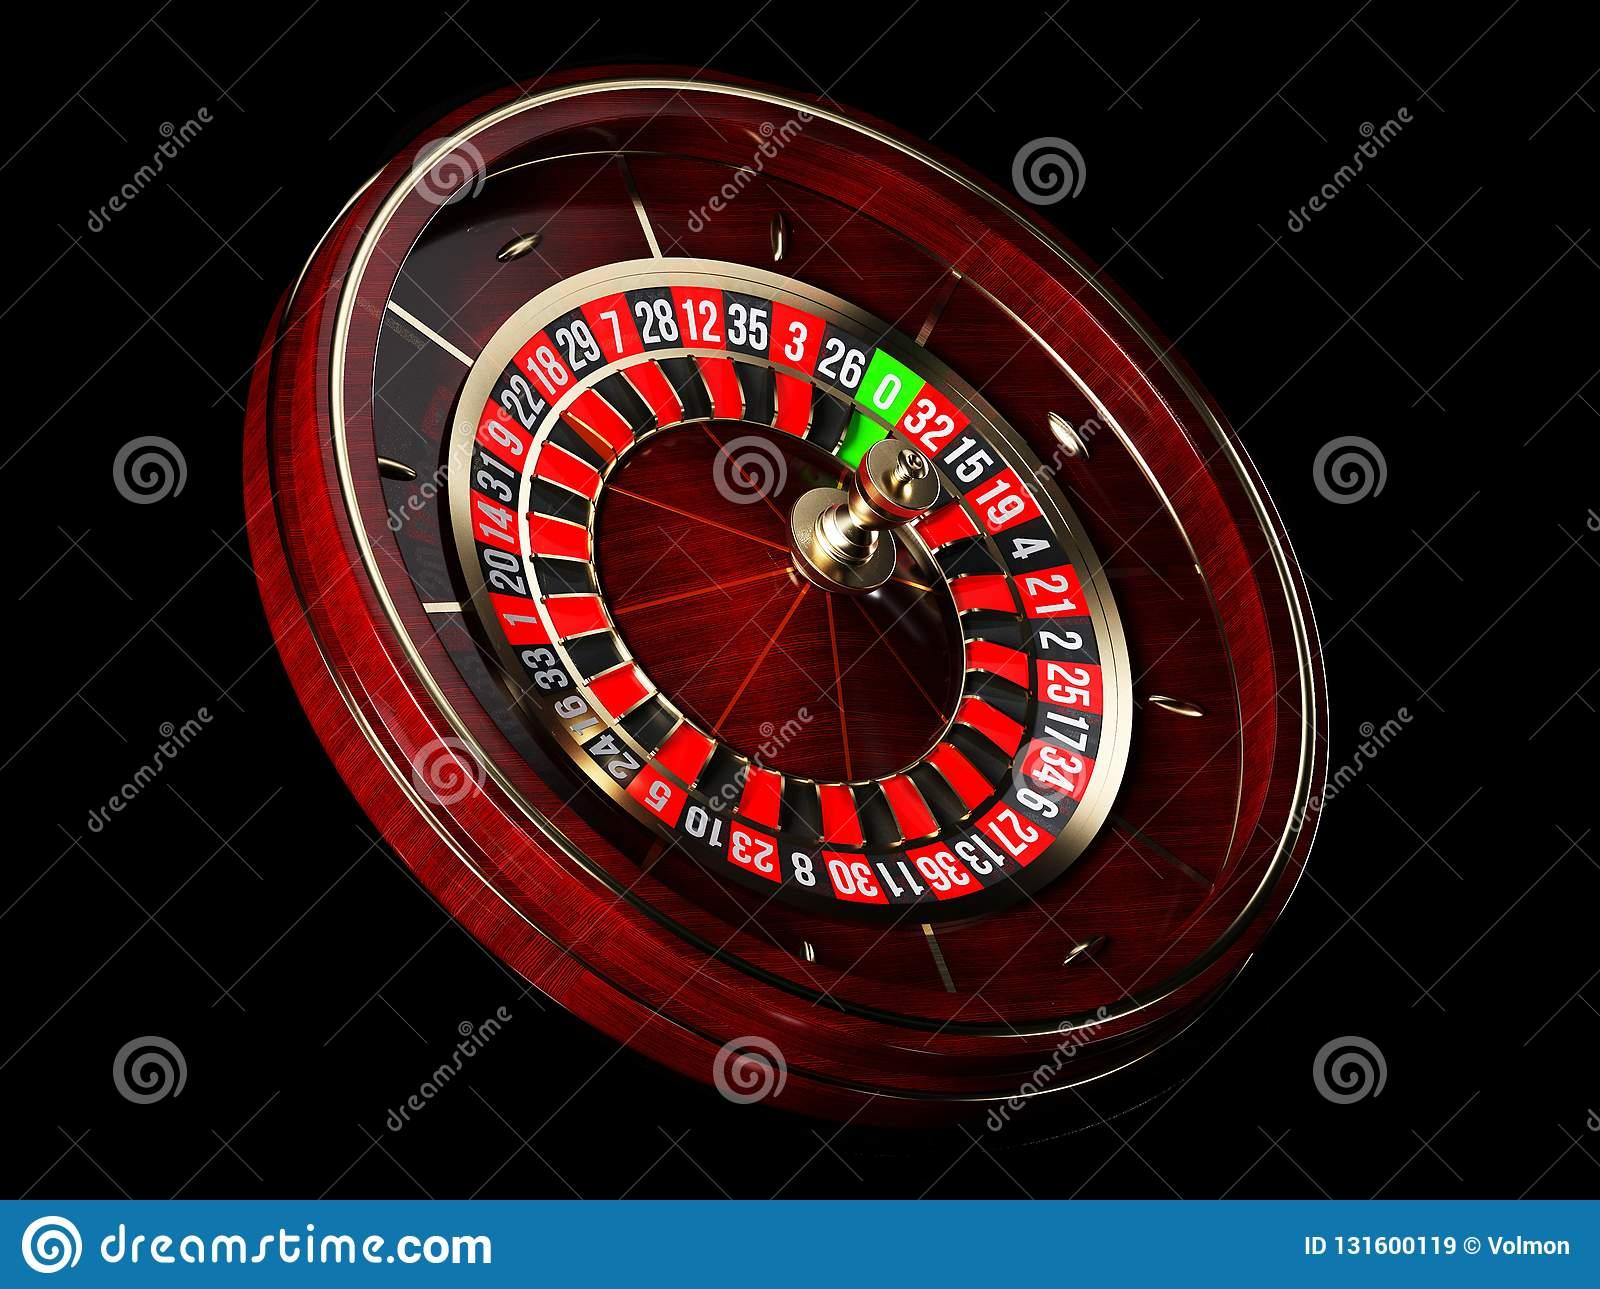 Плей фортуна казино онлайн зеркало